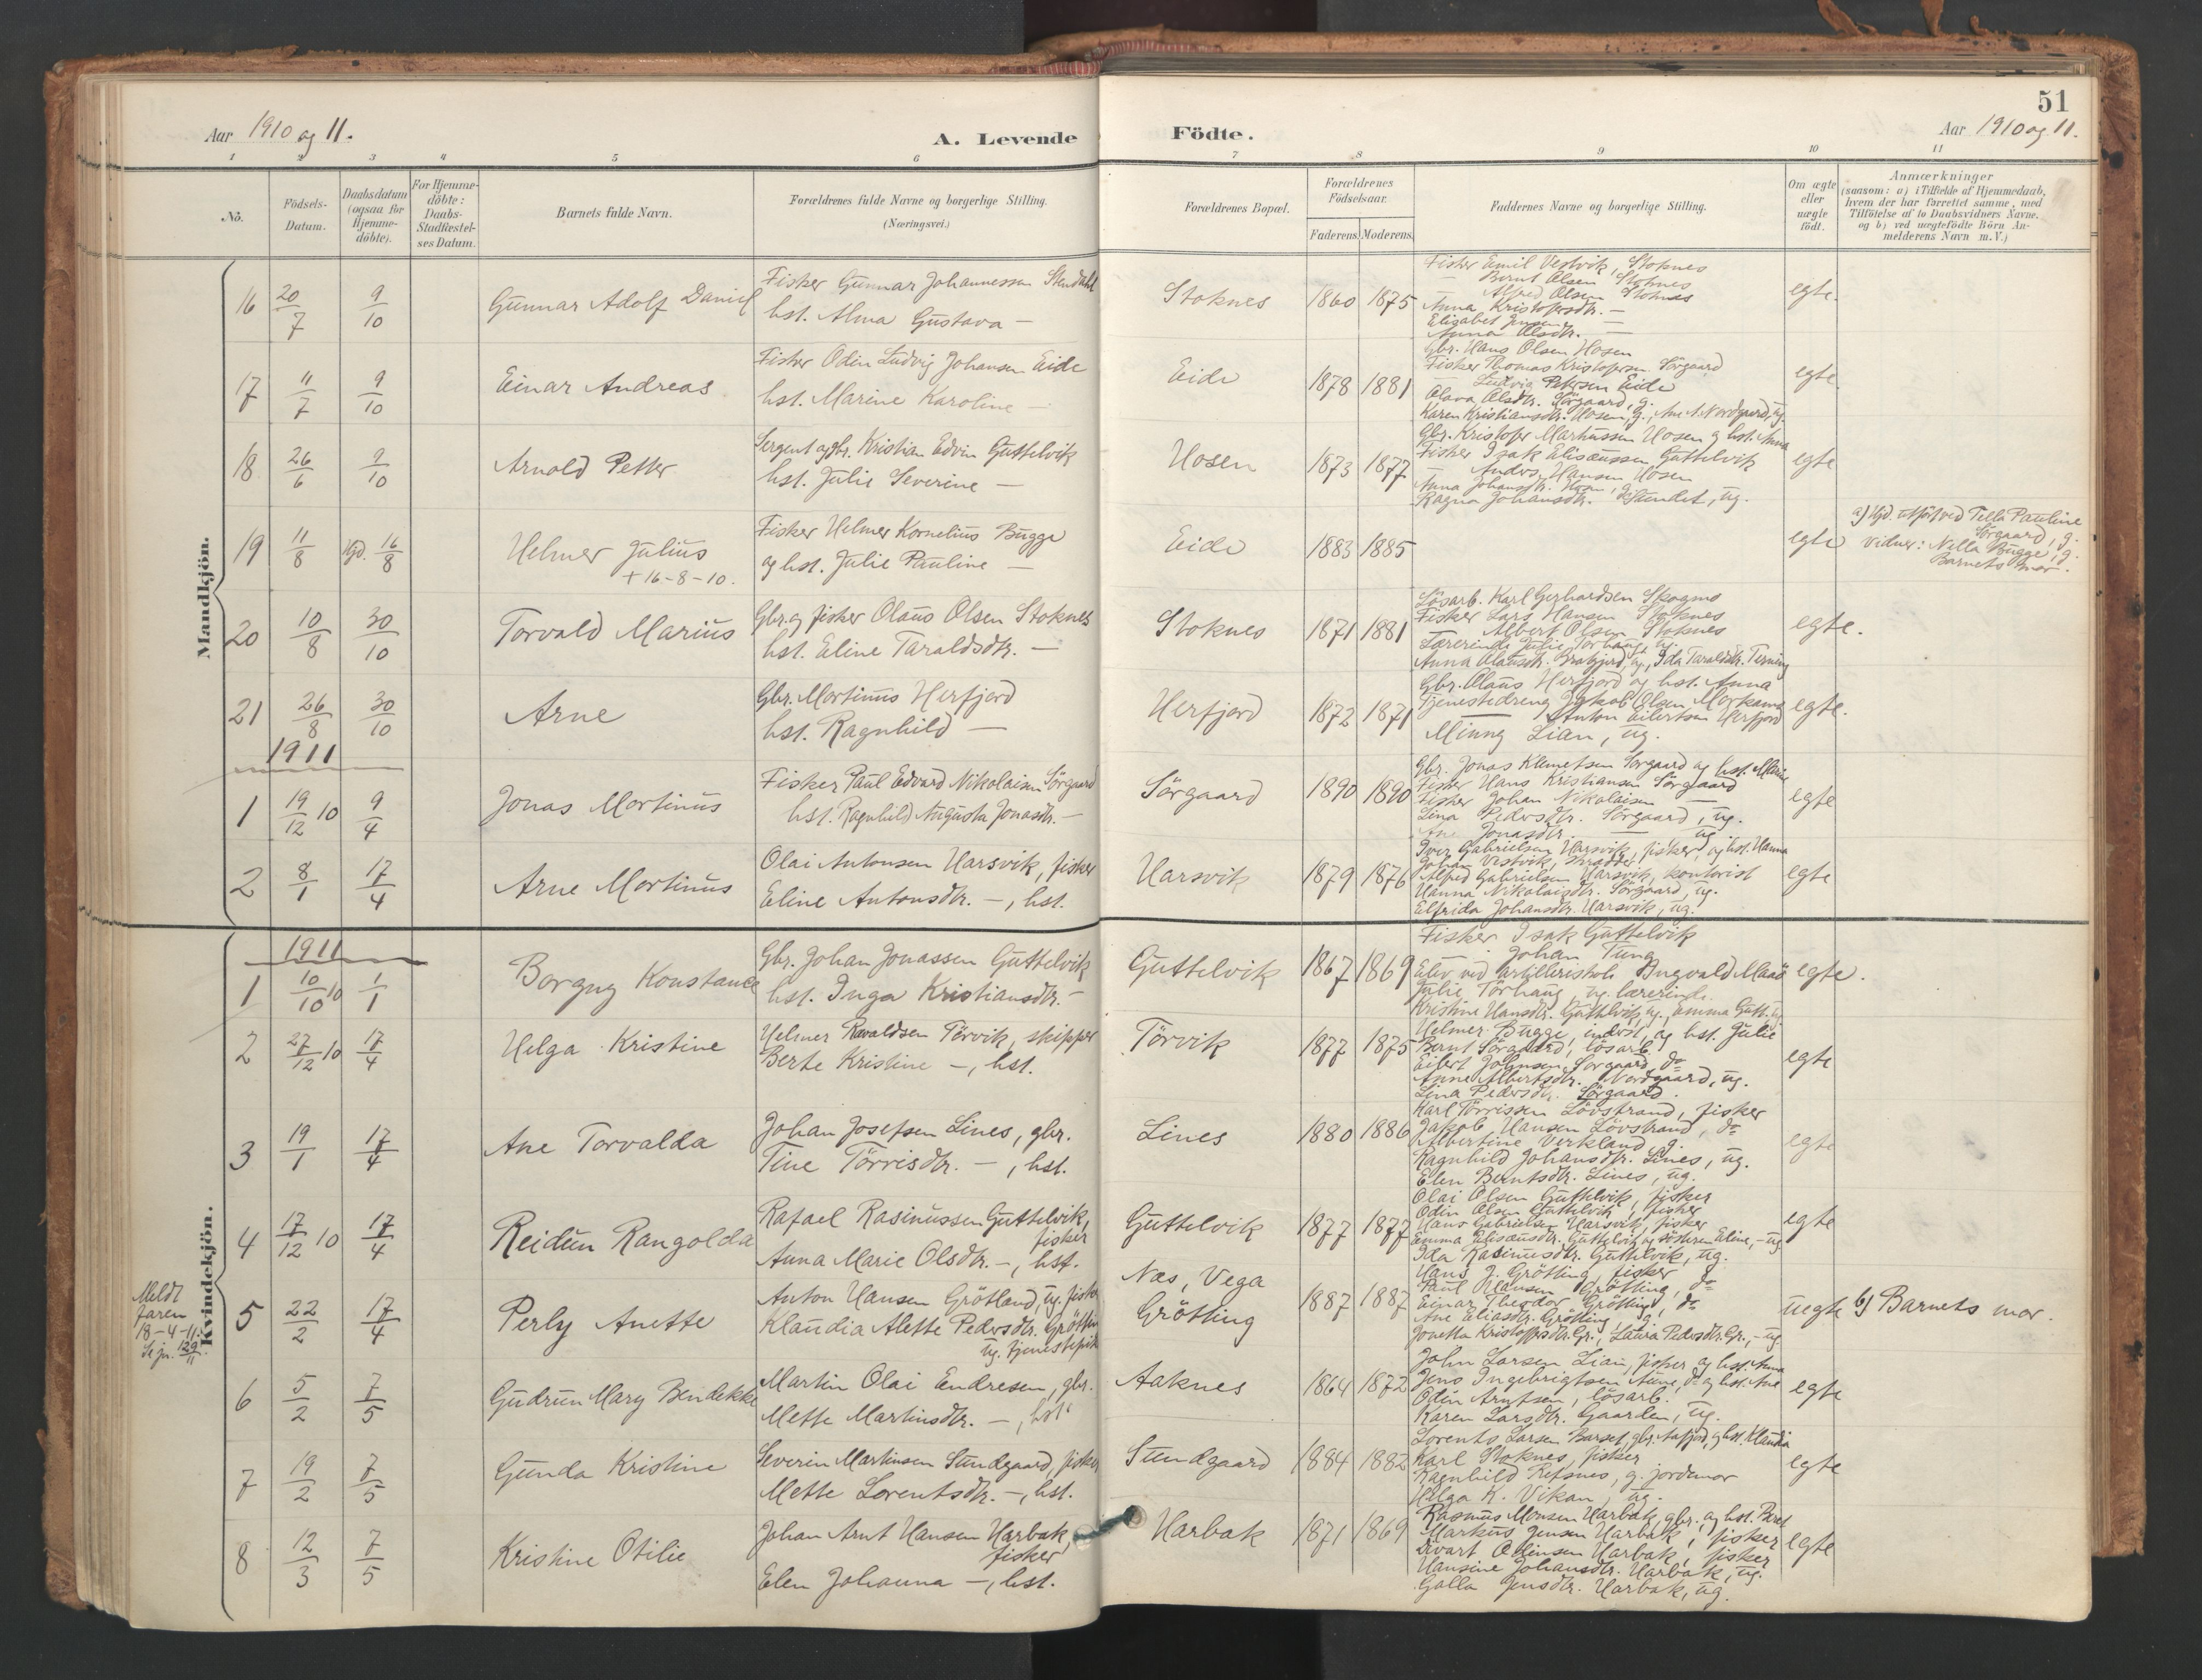 SAT, Ministerialprotokoller, klokkerbøker og fødselsregistre - Sør-Trøndelag, 656/L0693: Ministerialbok nr. 656A02, 1894-1913, s. 51